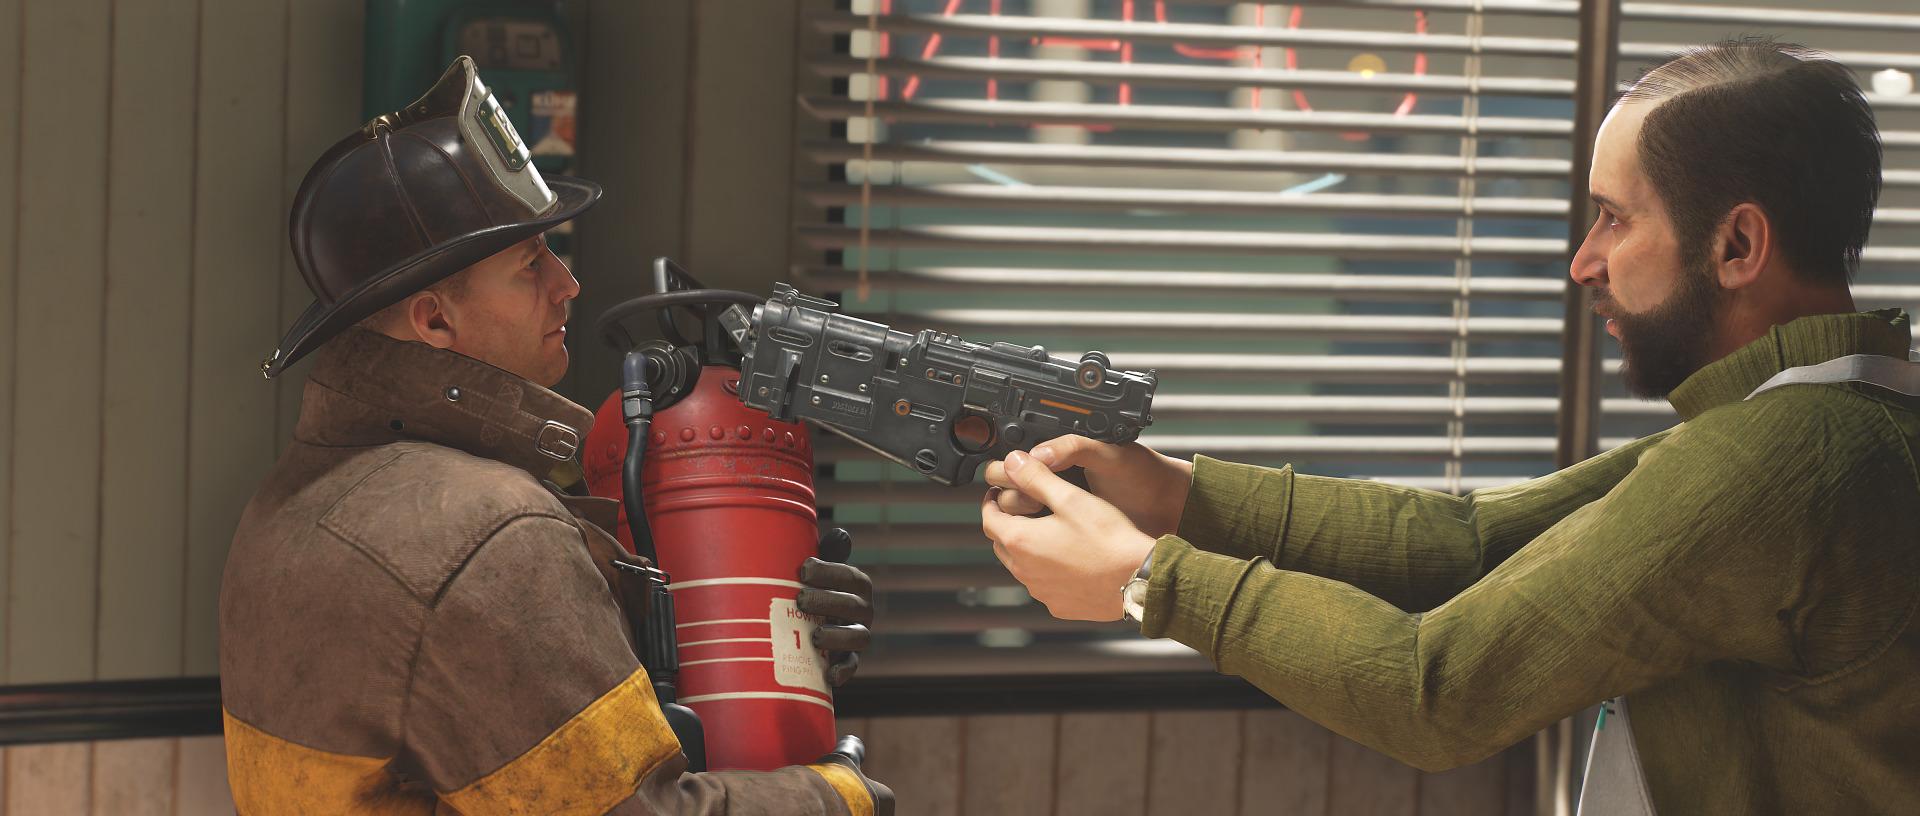 Ve Wolfenstein 2: The New Colossus se objeví známé i zcela nové postavy 148949